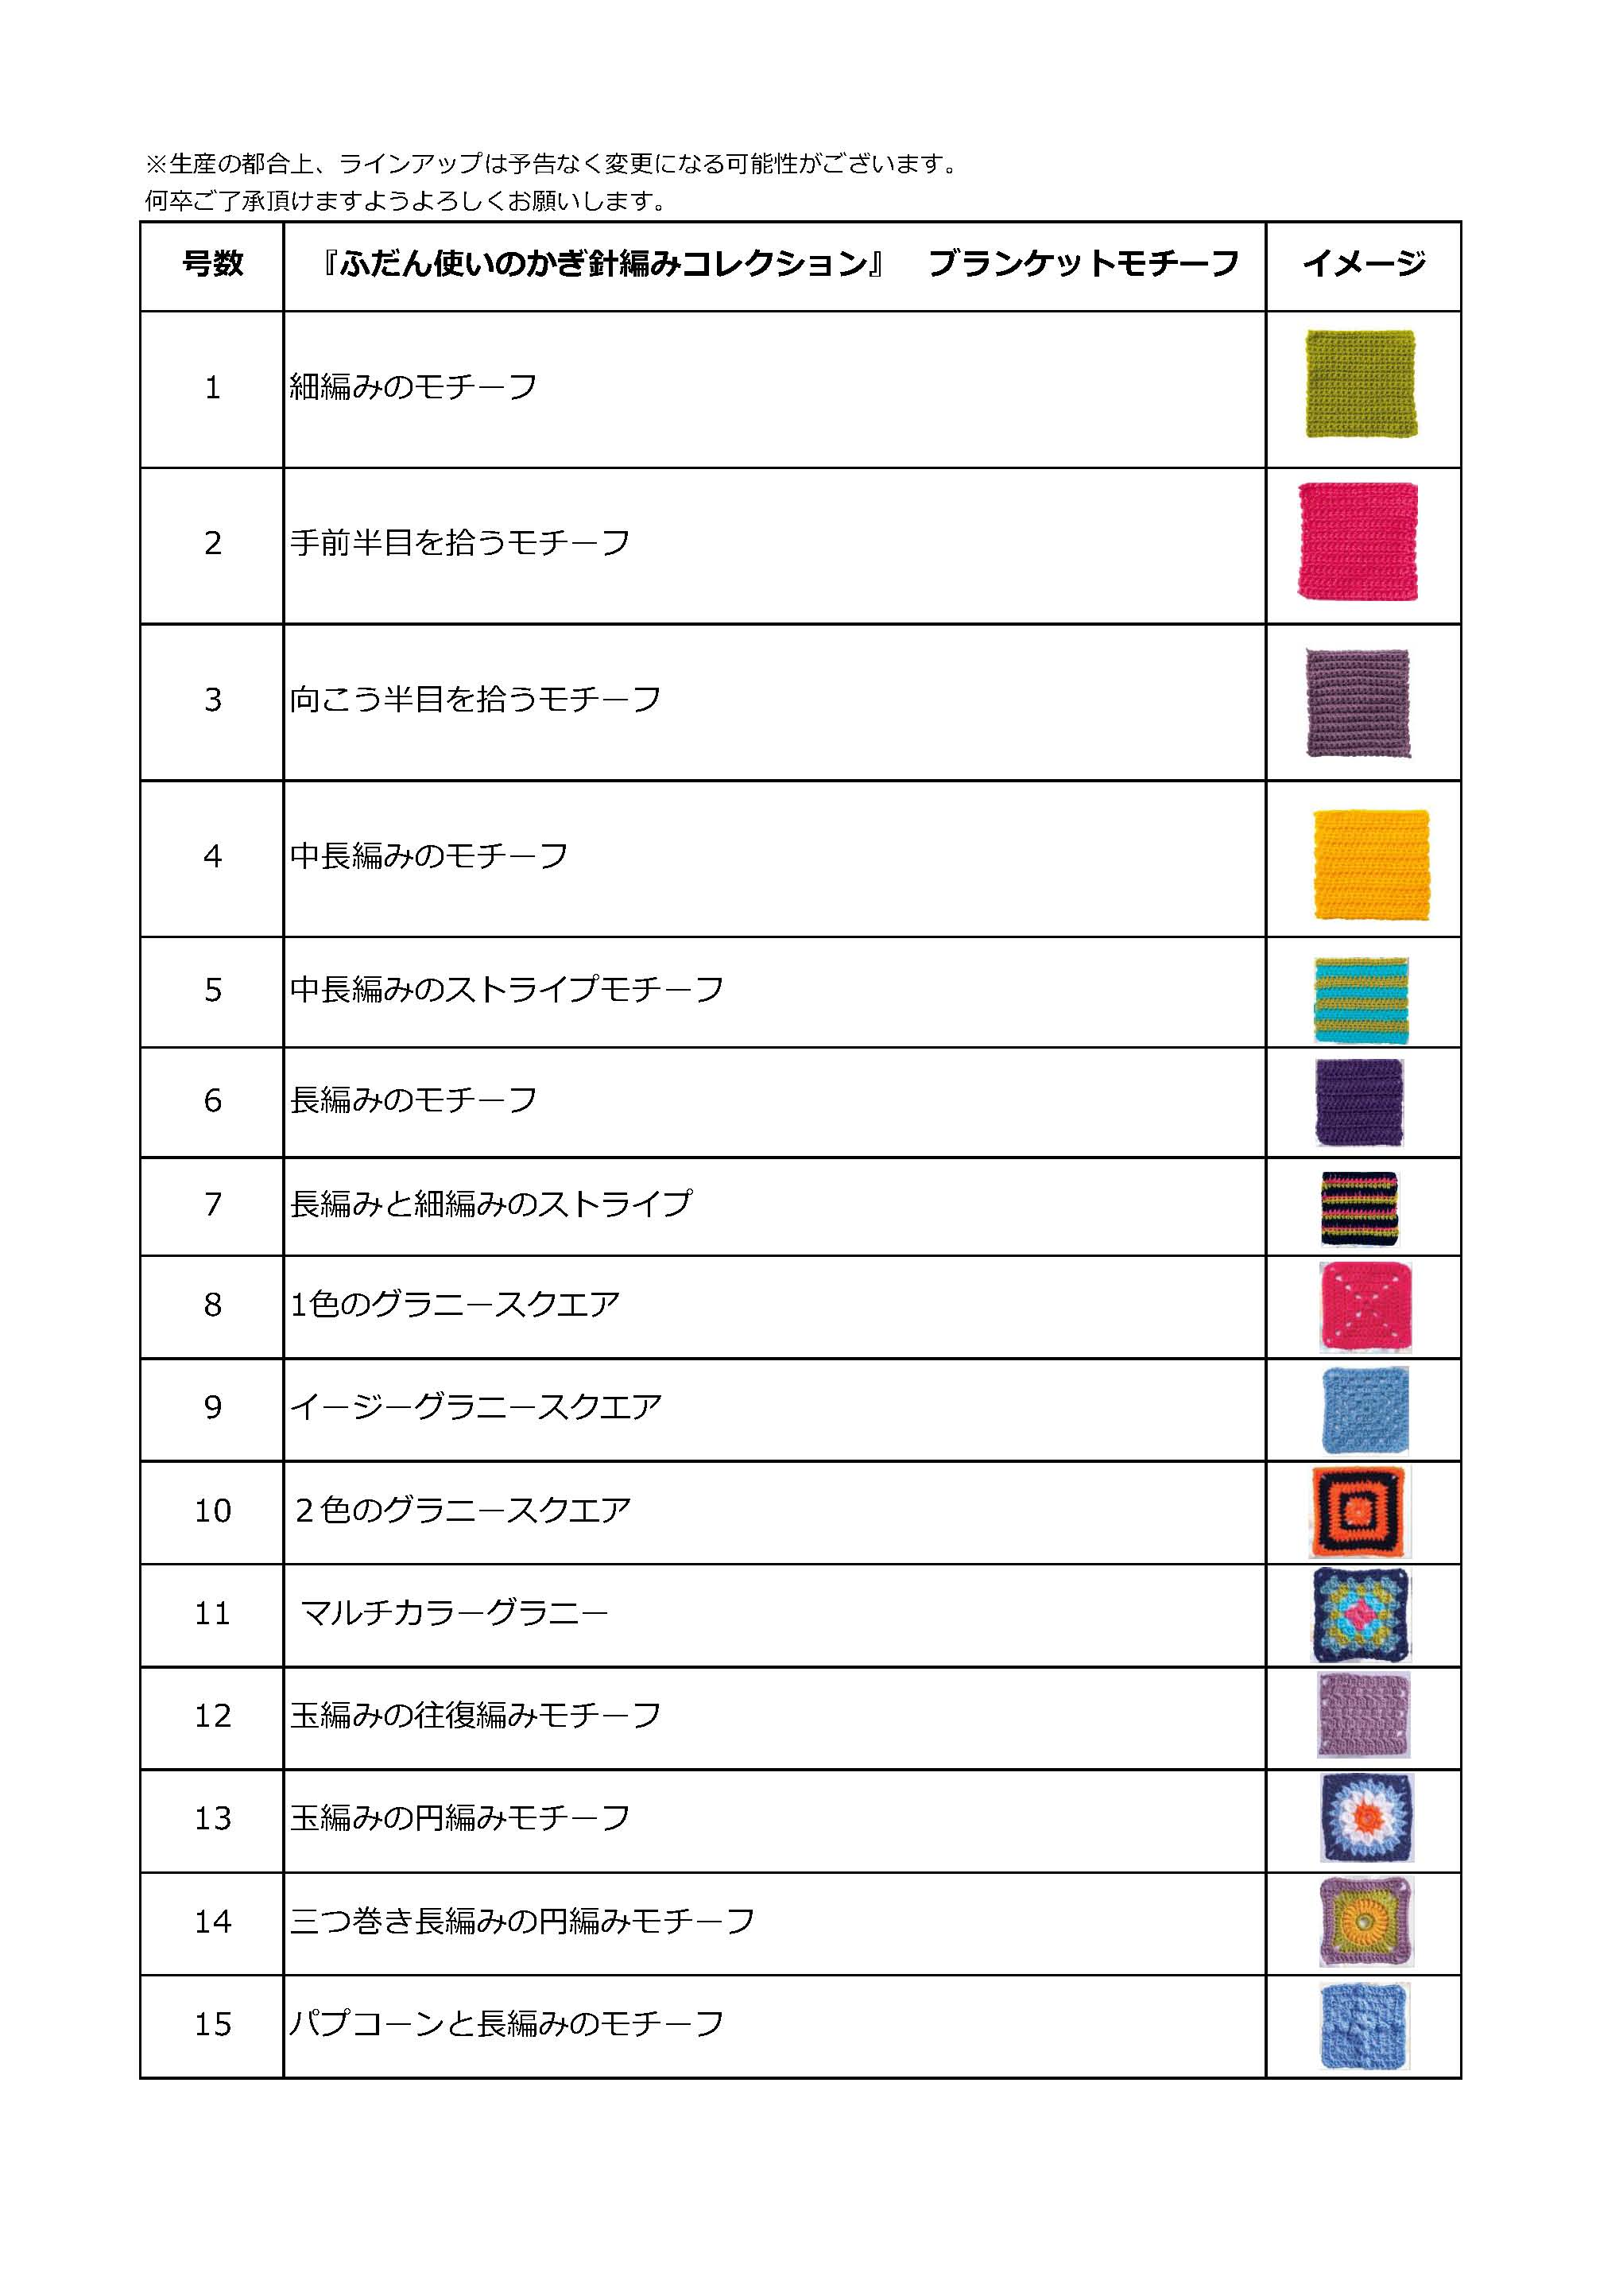 かぎ針編みラインアップ_ページ_1.jpg